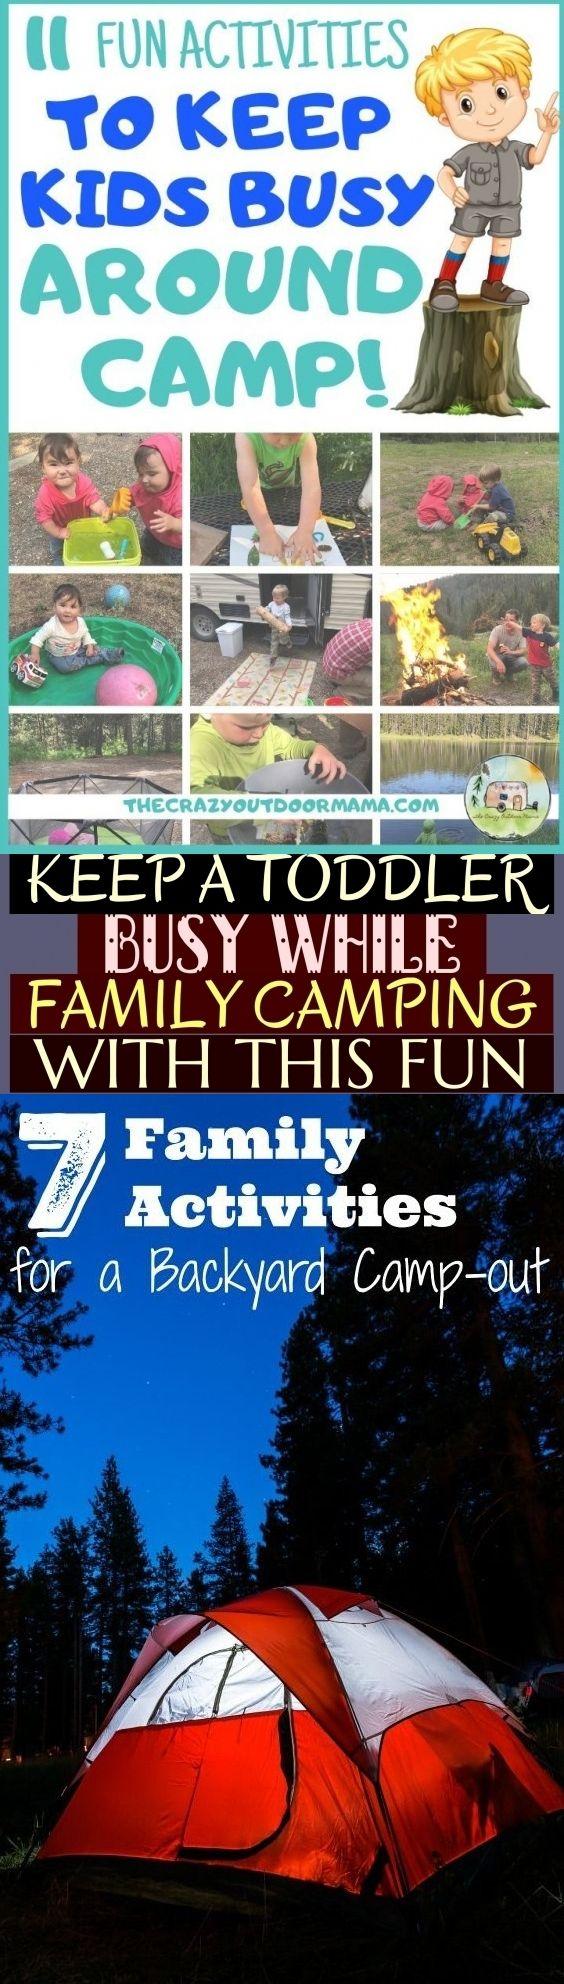 Keep A Toddler Busy While Family Camping With This Fun * halten sie ein kleinkind beschäftigt, wä